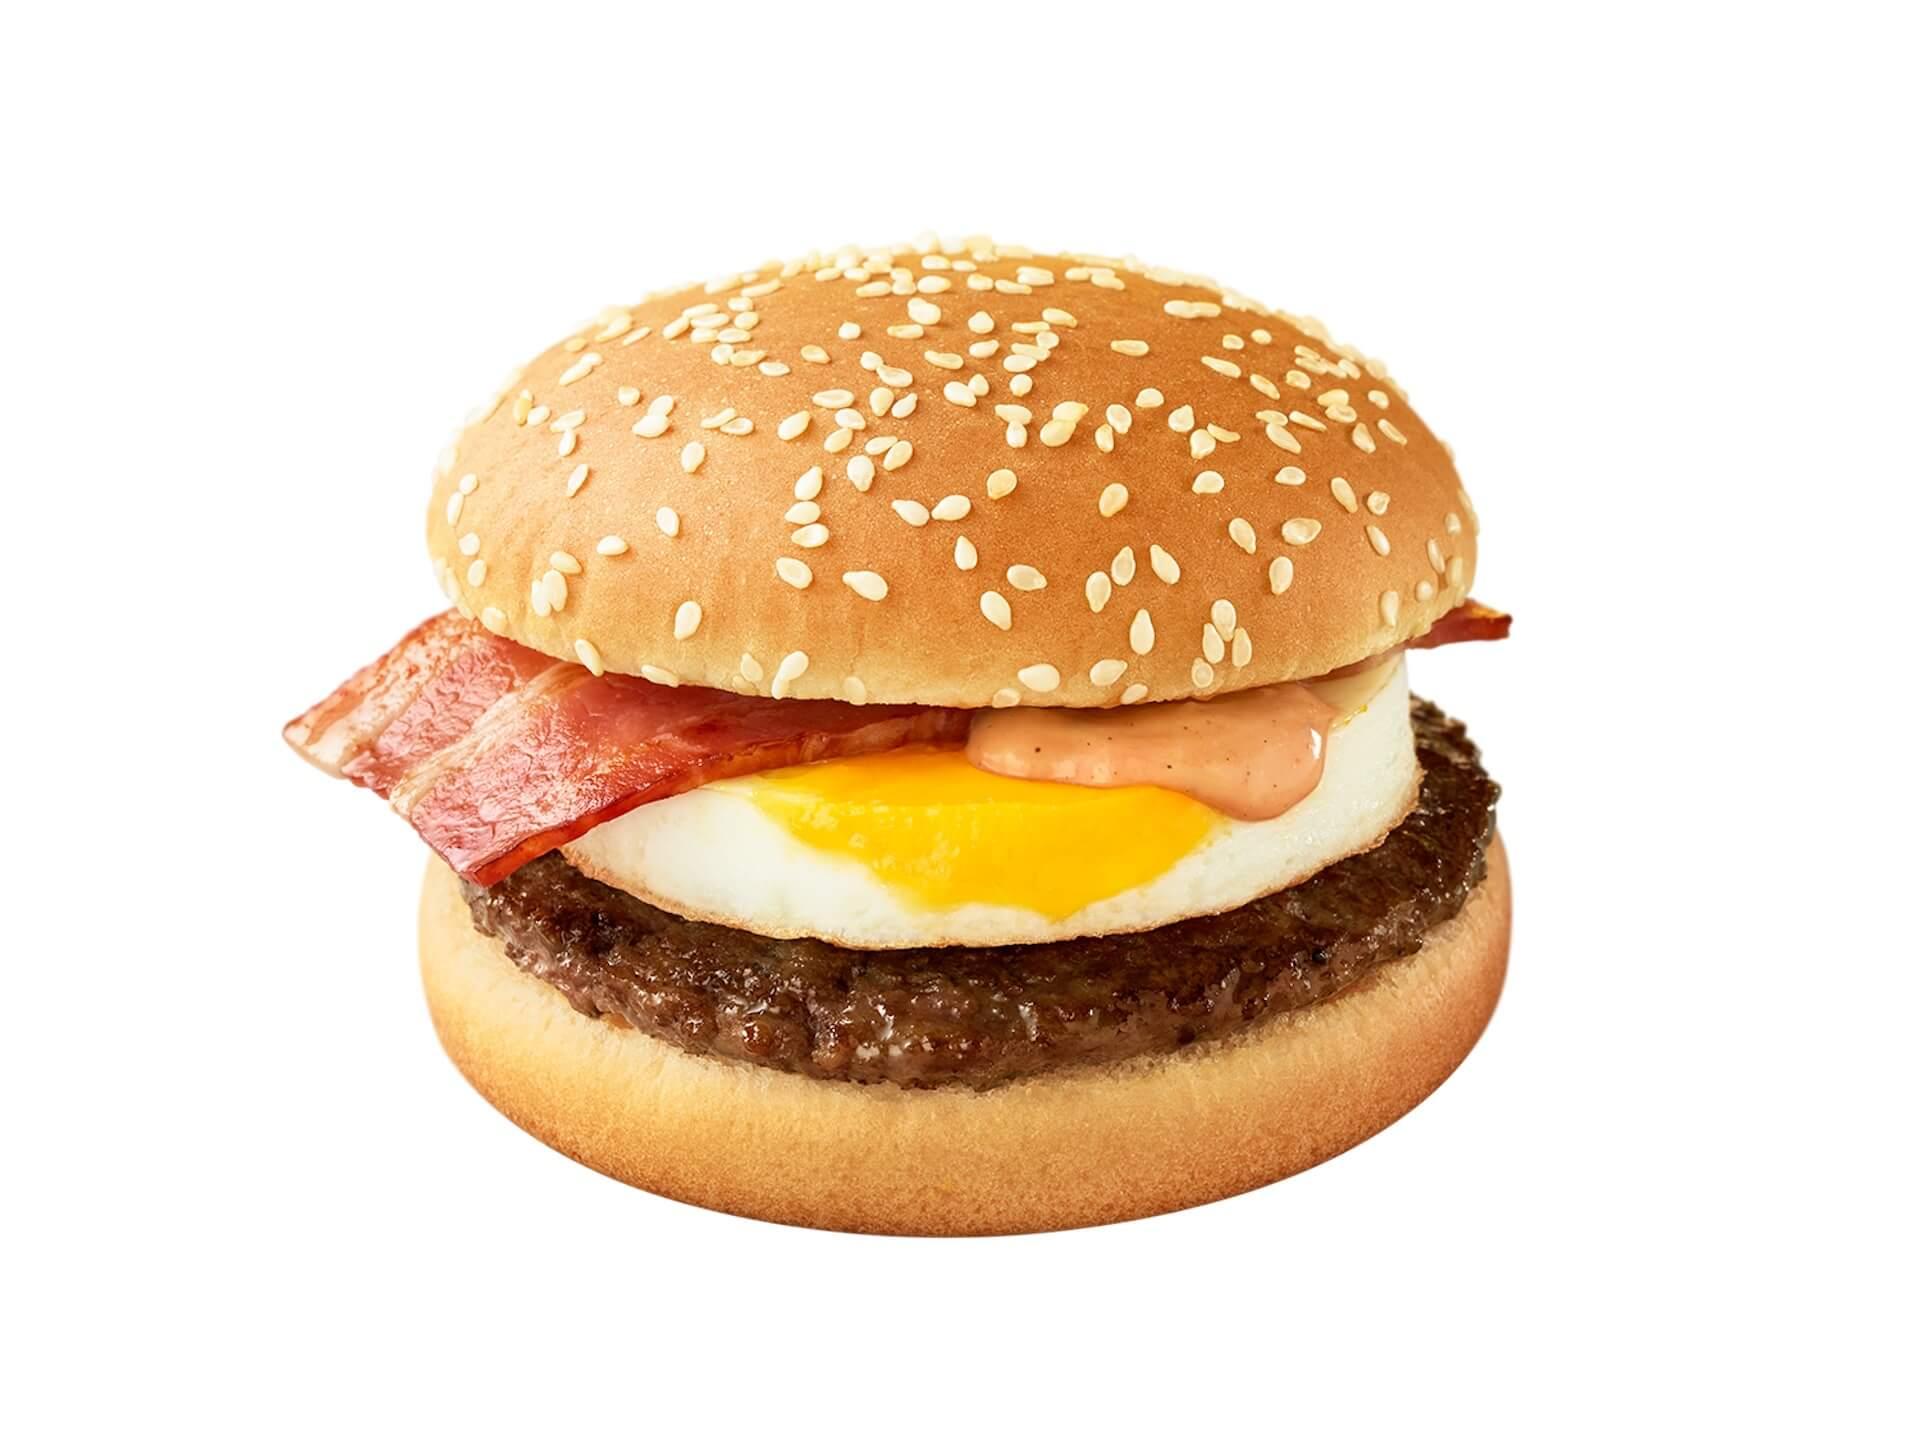 マクドナルドの定番「月見バーガー」シリーズに今年は濃厚ふわとろ月見、月見パイ、マックフルーリー月見が登場! gourmet200826_mcdonald_tsukimi_11